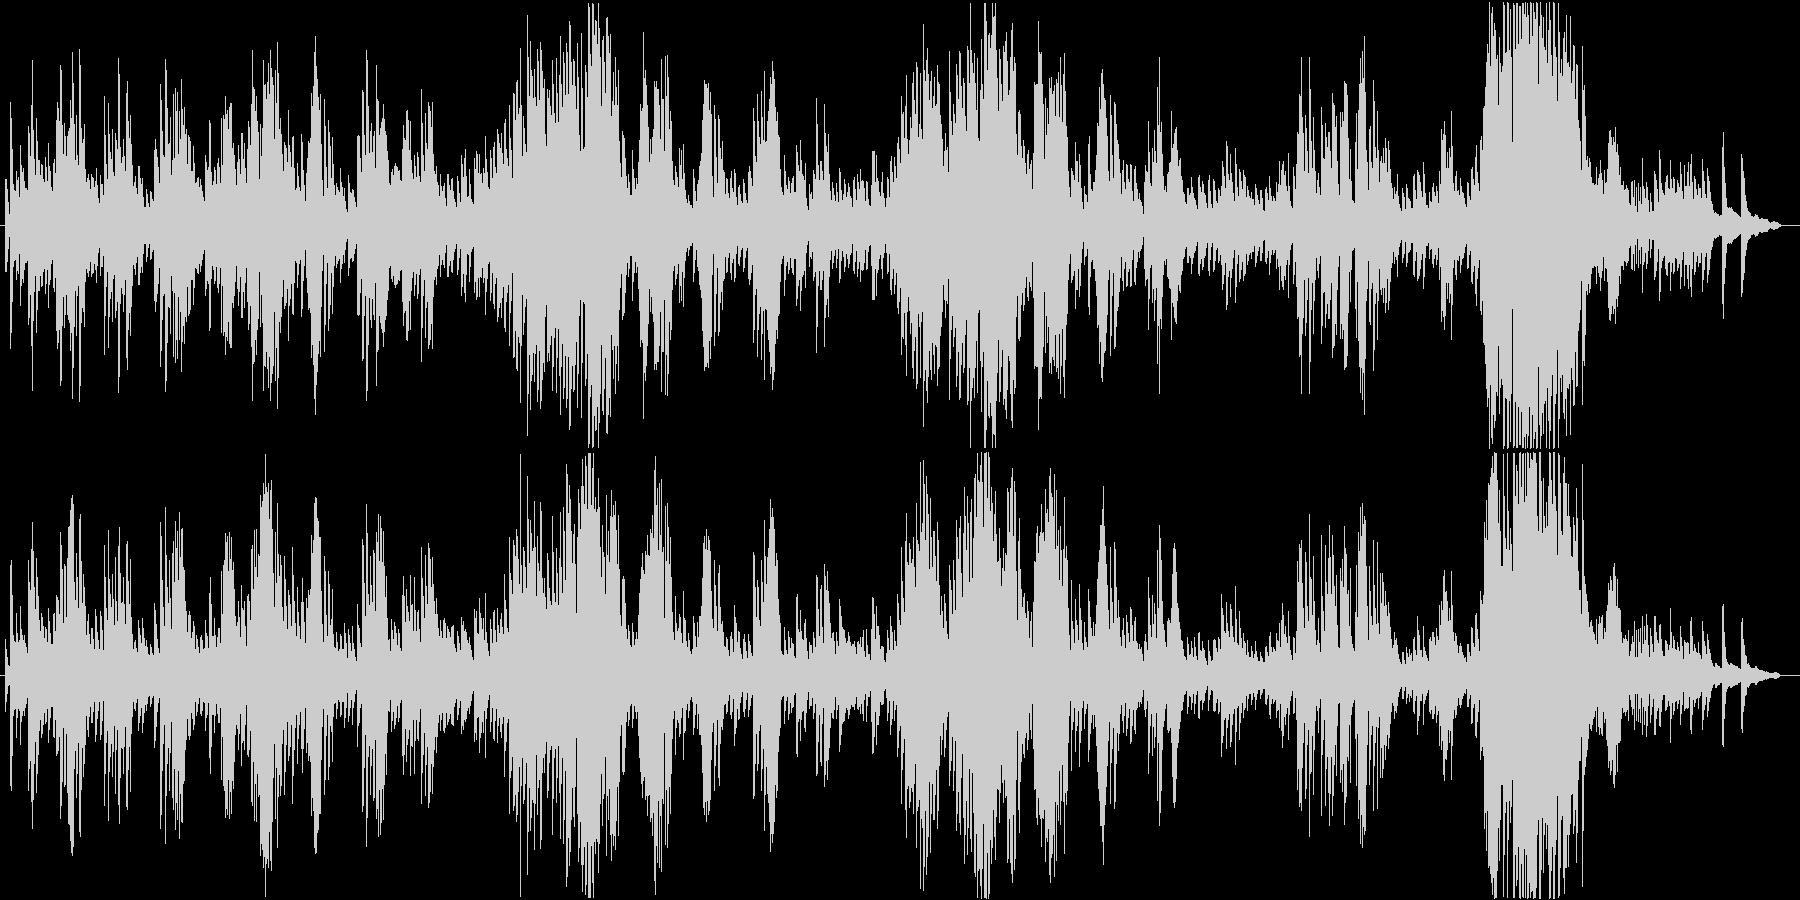 ショパン ノクターン第2番 ピアノ演奏の未再生の波形